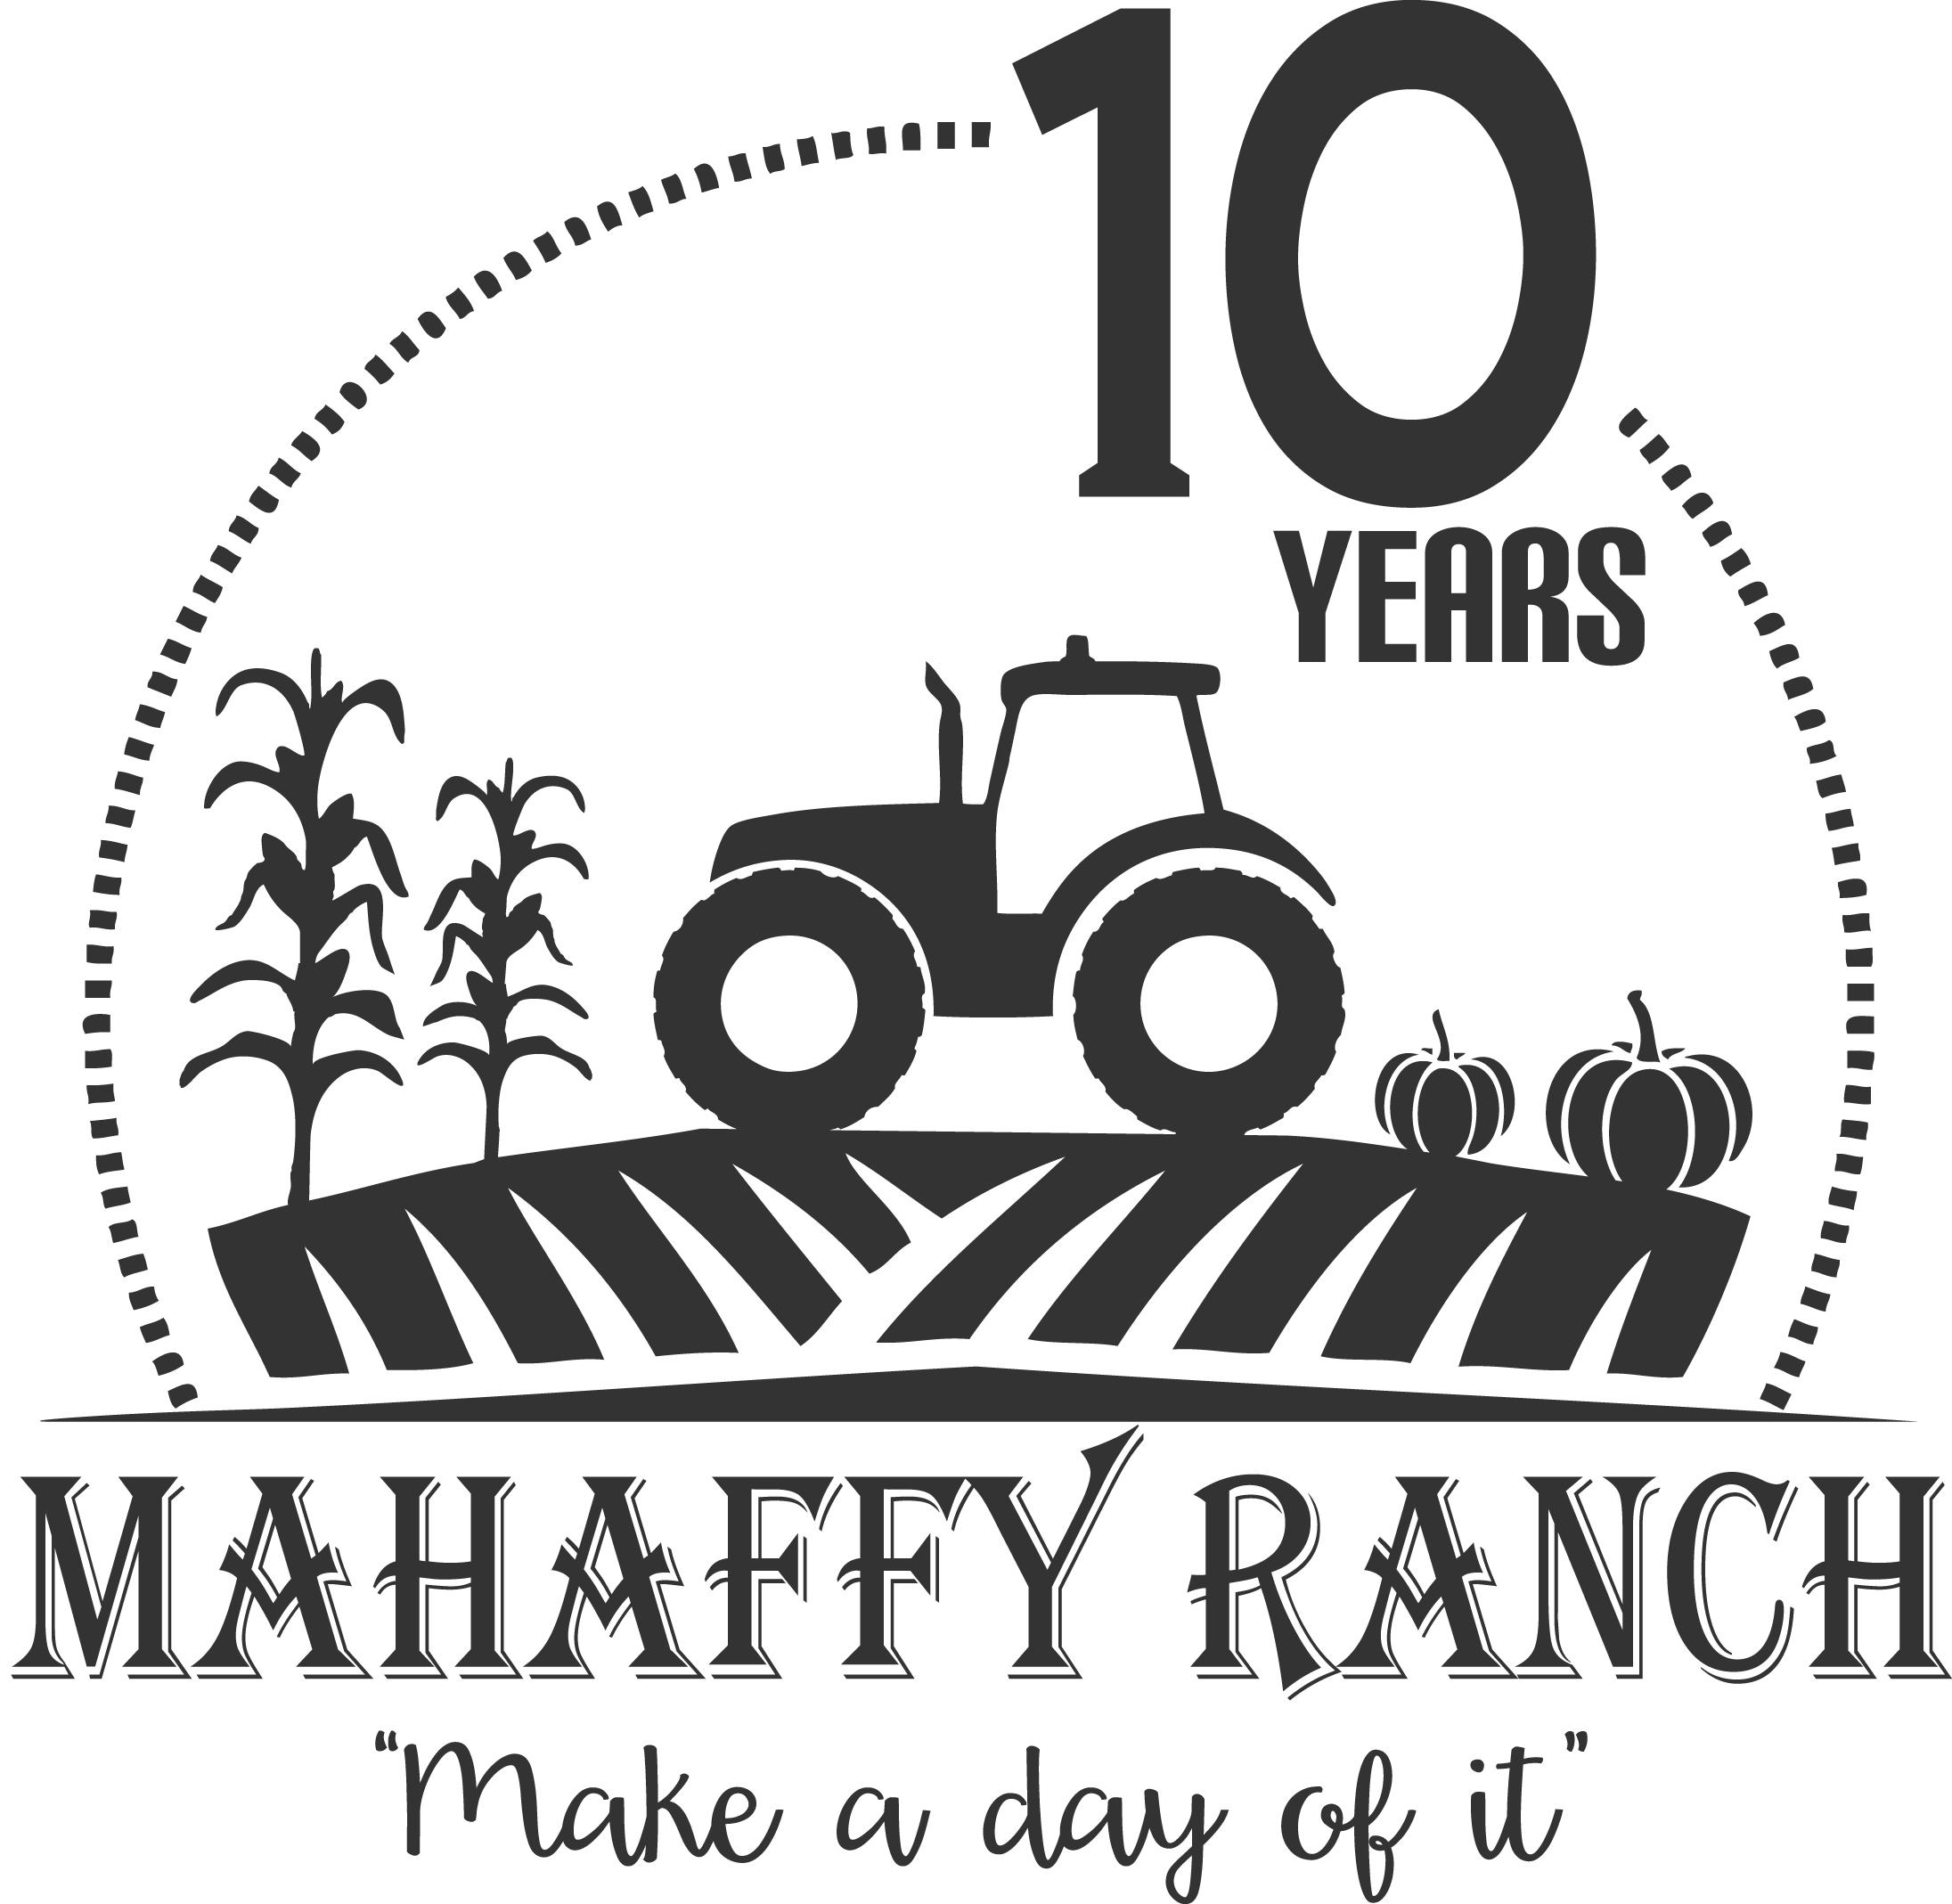 mahaffy ranch logo.jpg